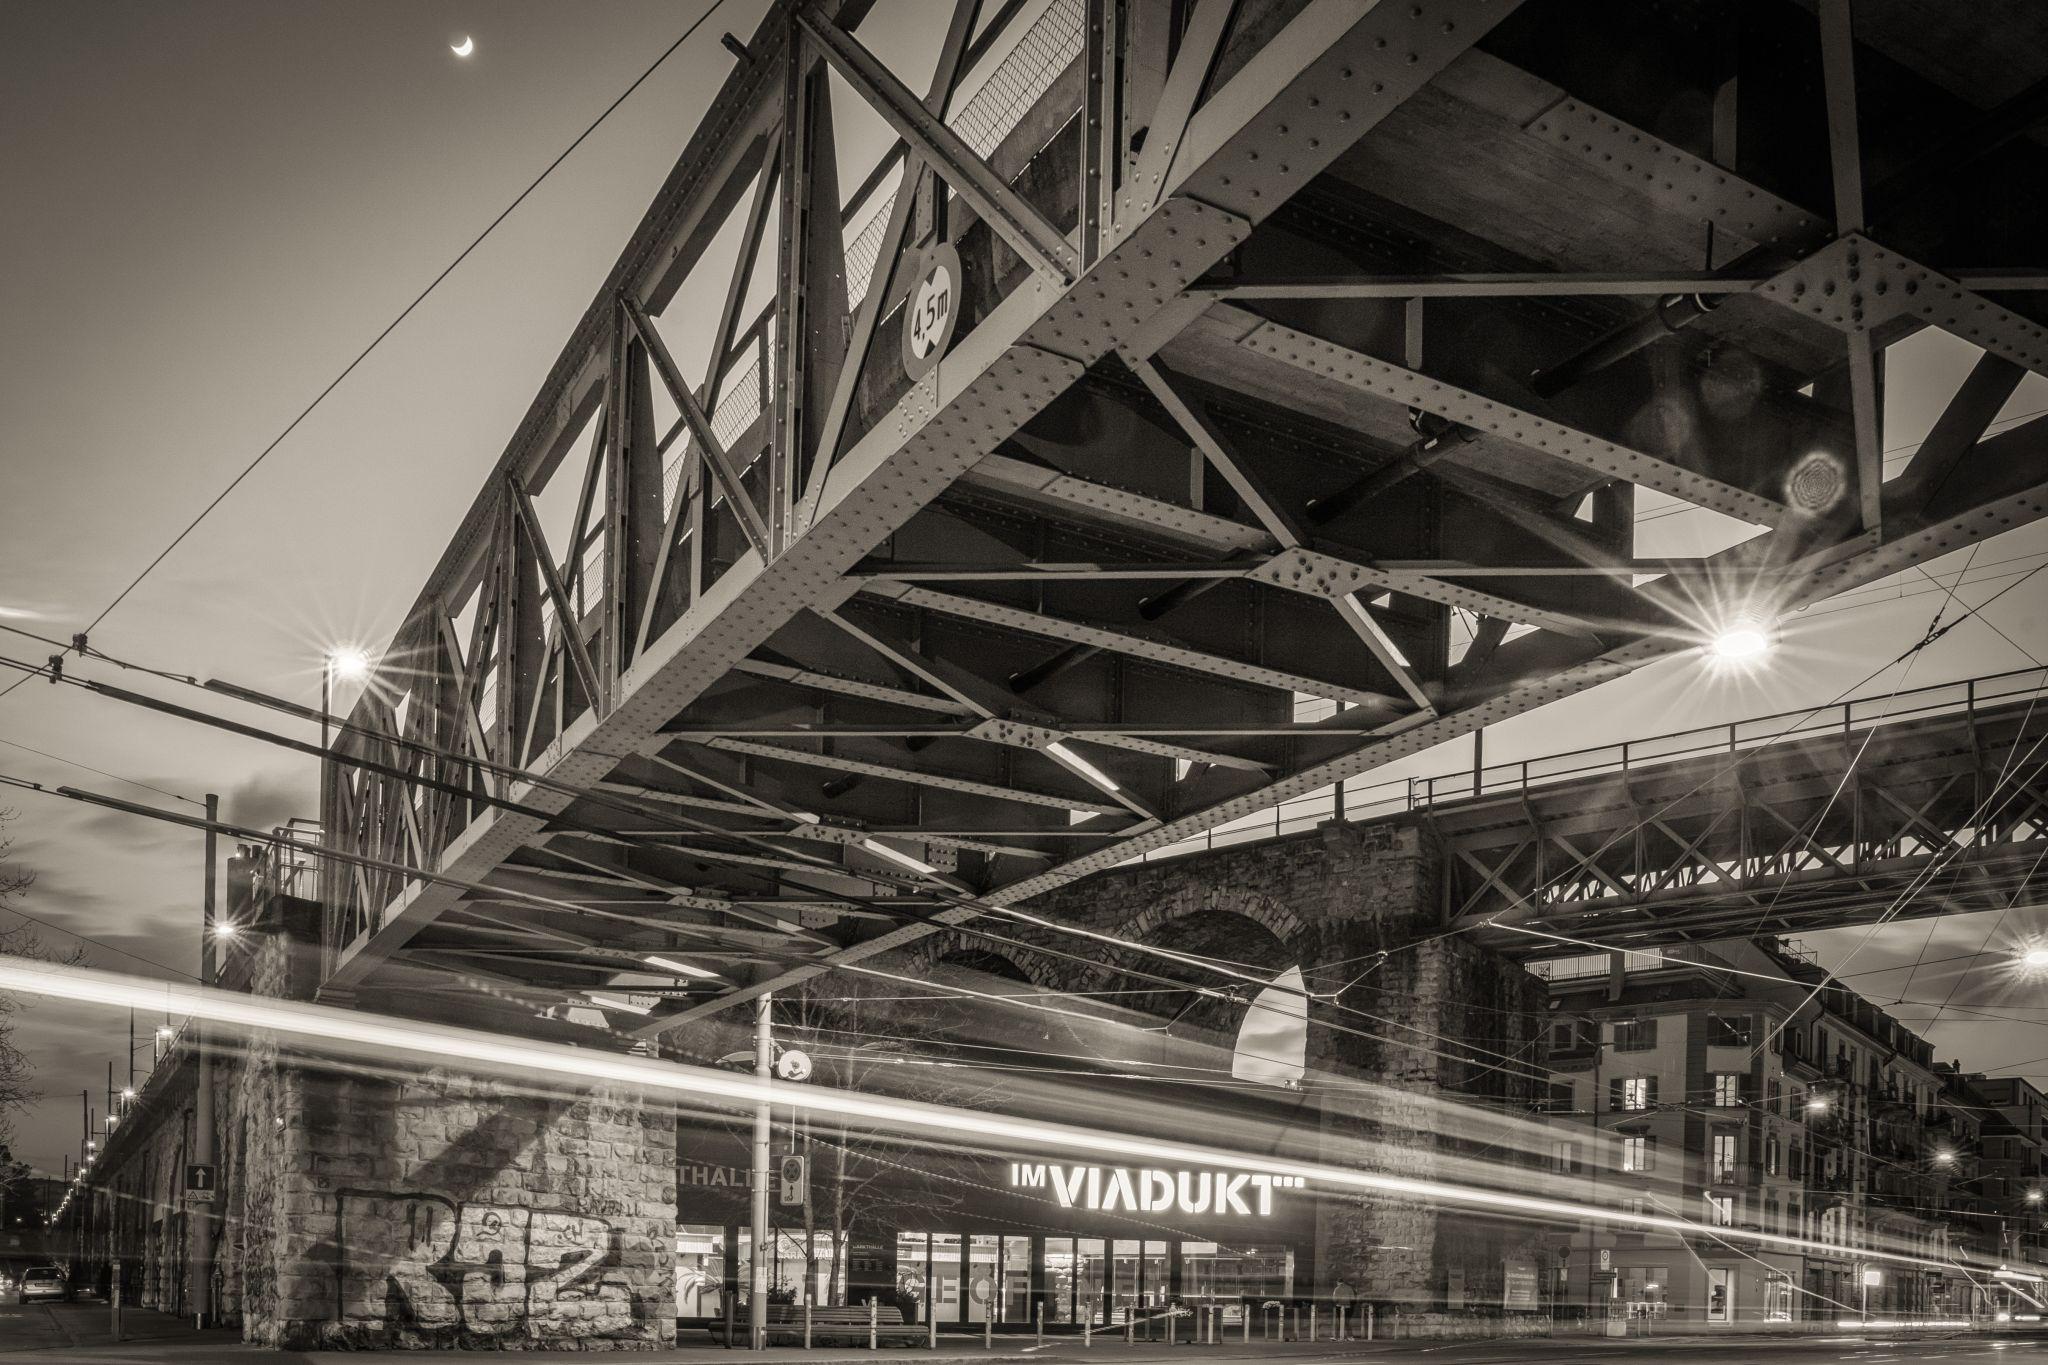 Viadukt, Limmatstrasse, Switzerland